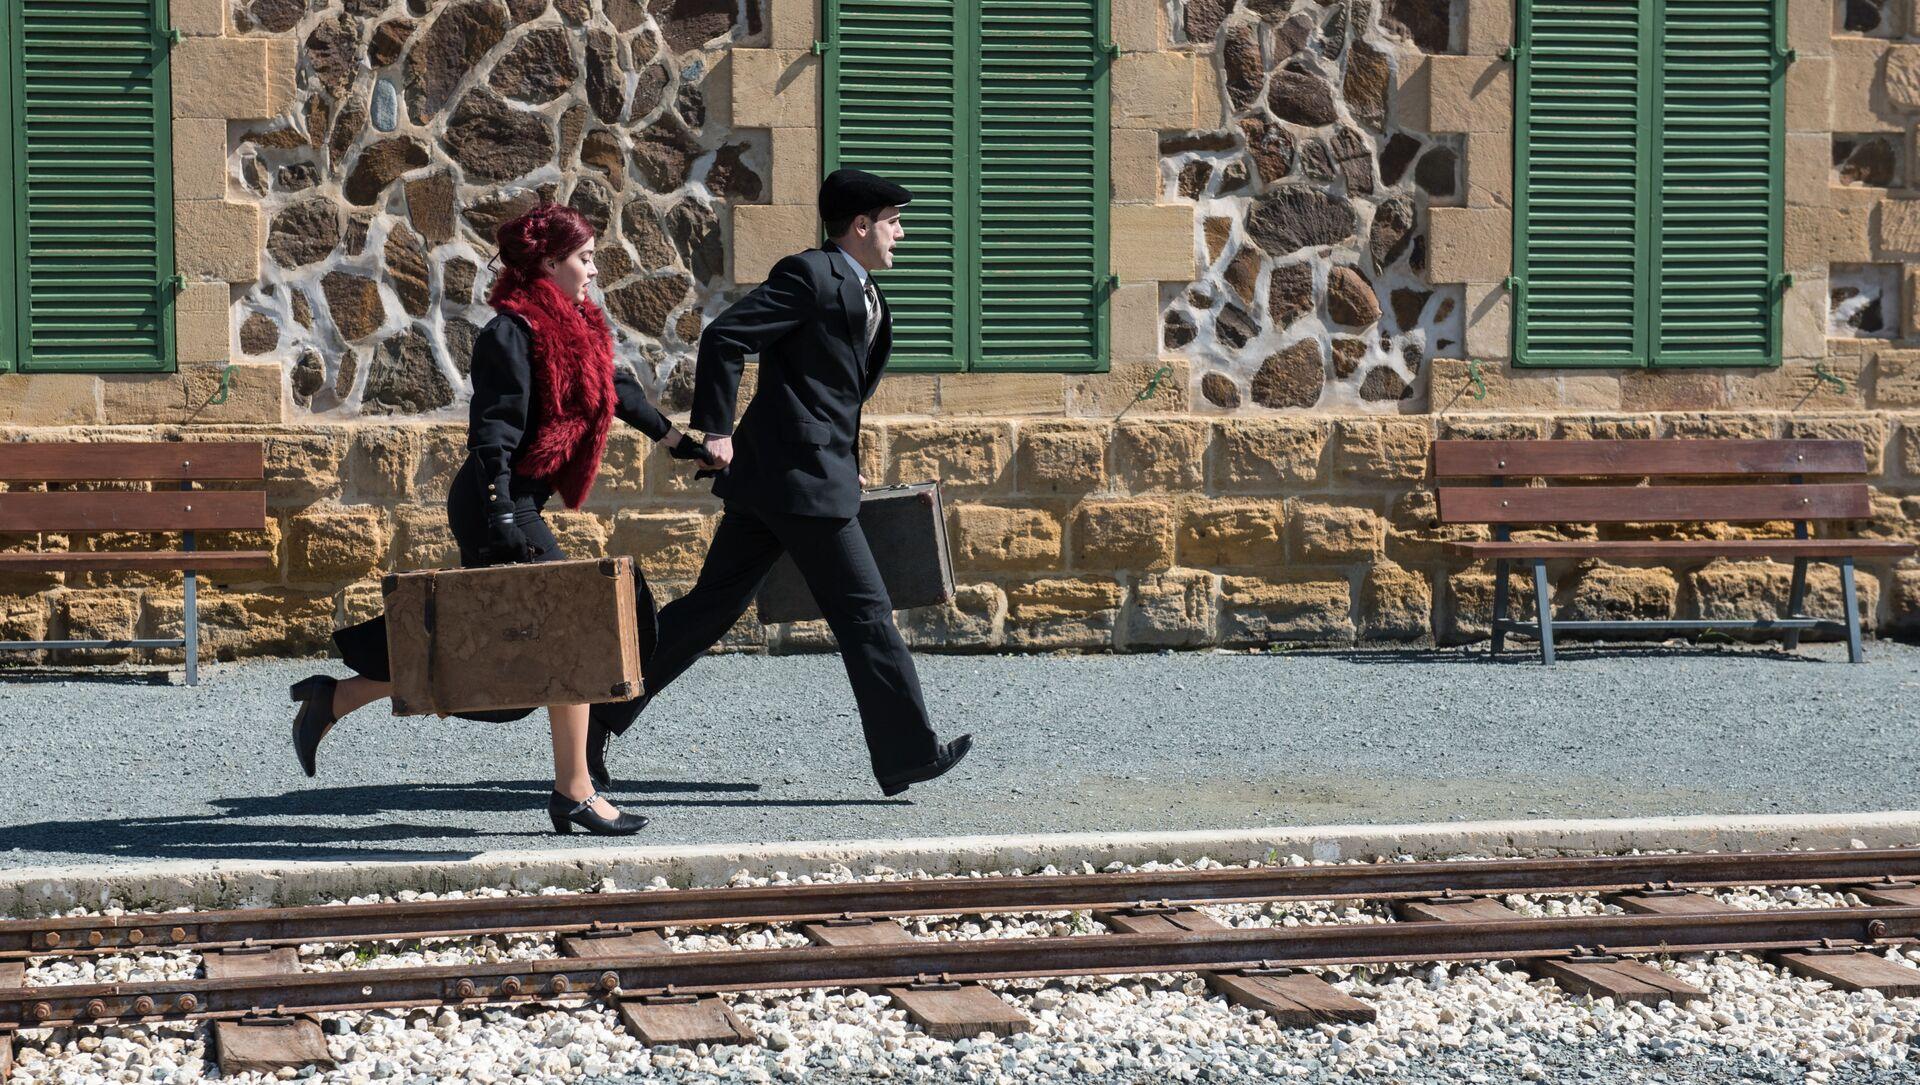 Una coppia con valigie - Sputnik Italia, 1920, 30.03.2021